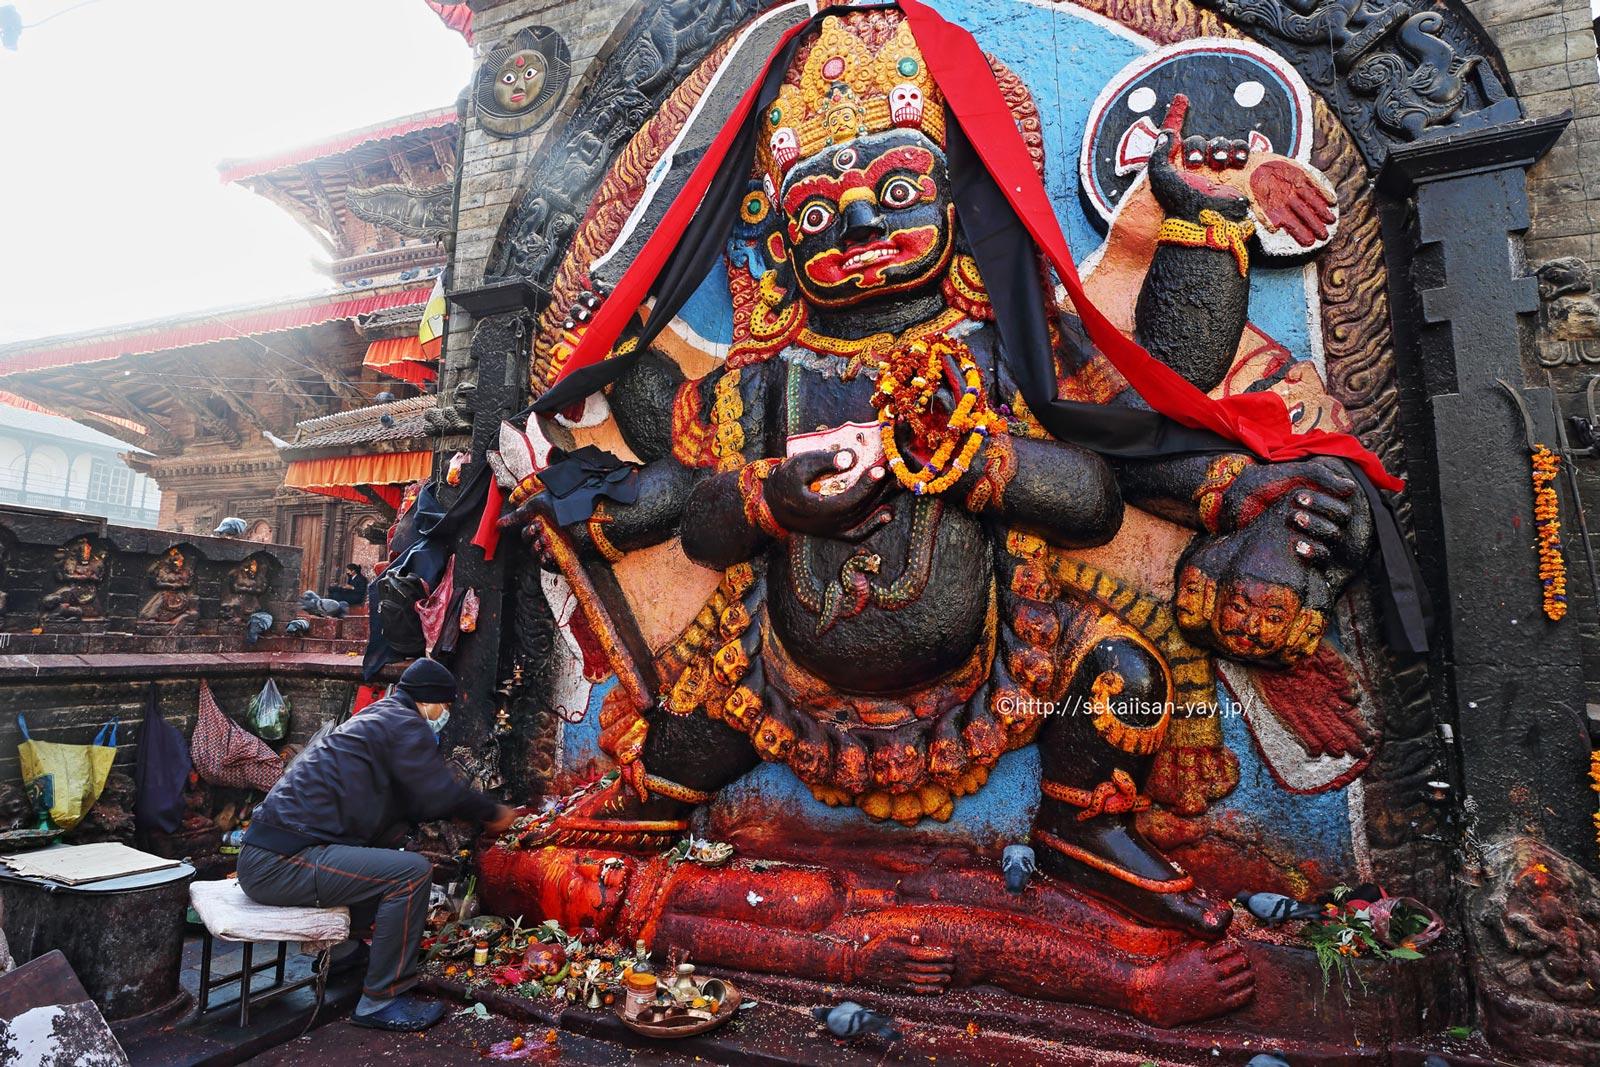 ネパール「カトマンズの谷」- ダルバール広場